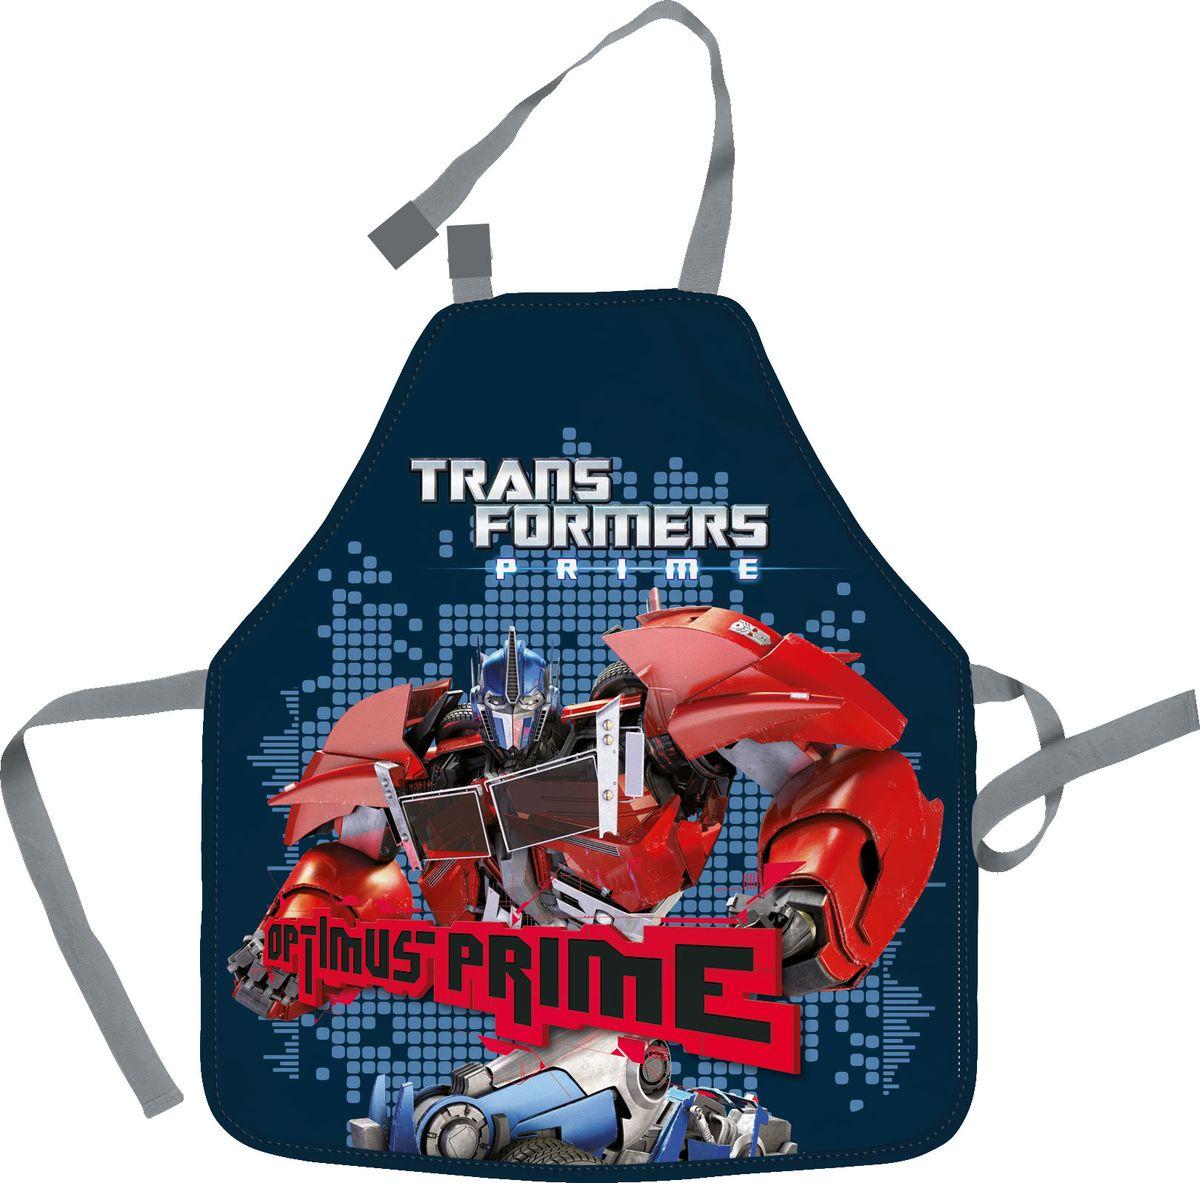 Transformers Фартук для труда Optimus PrimeNFn_04188Фартук Transformers Optimus Prime поможет вашему ребенку не испачкать свою одежду во время занятий творчеством и на уроках труда. Изделие изготовлено из водостойкого материала. Удобные завязки помогут зафиксировать фартук на шее и талии в нужных положениях.